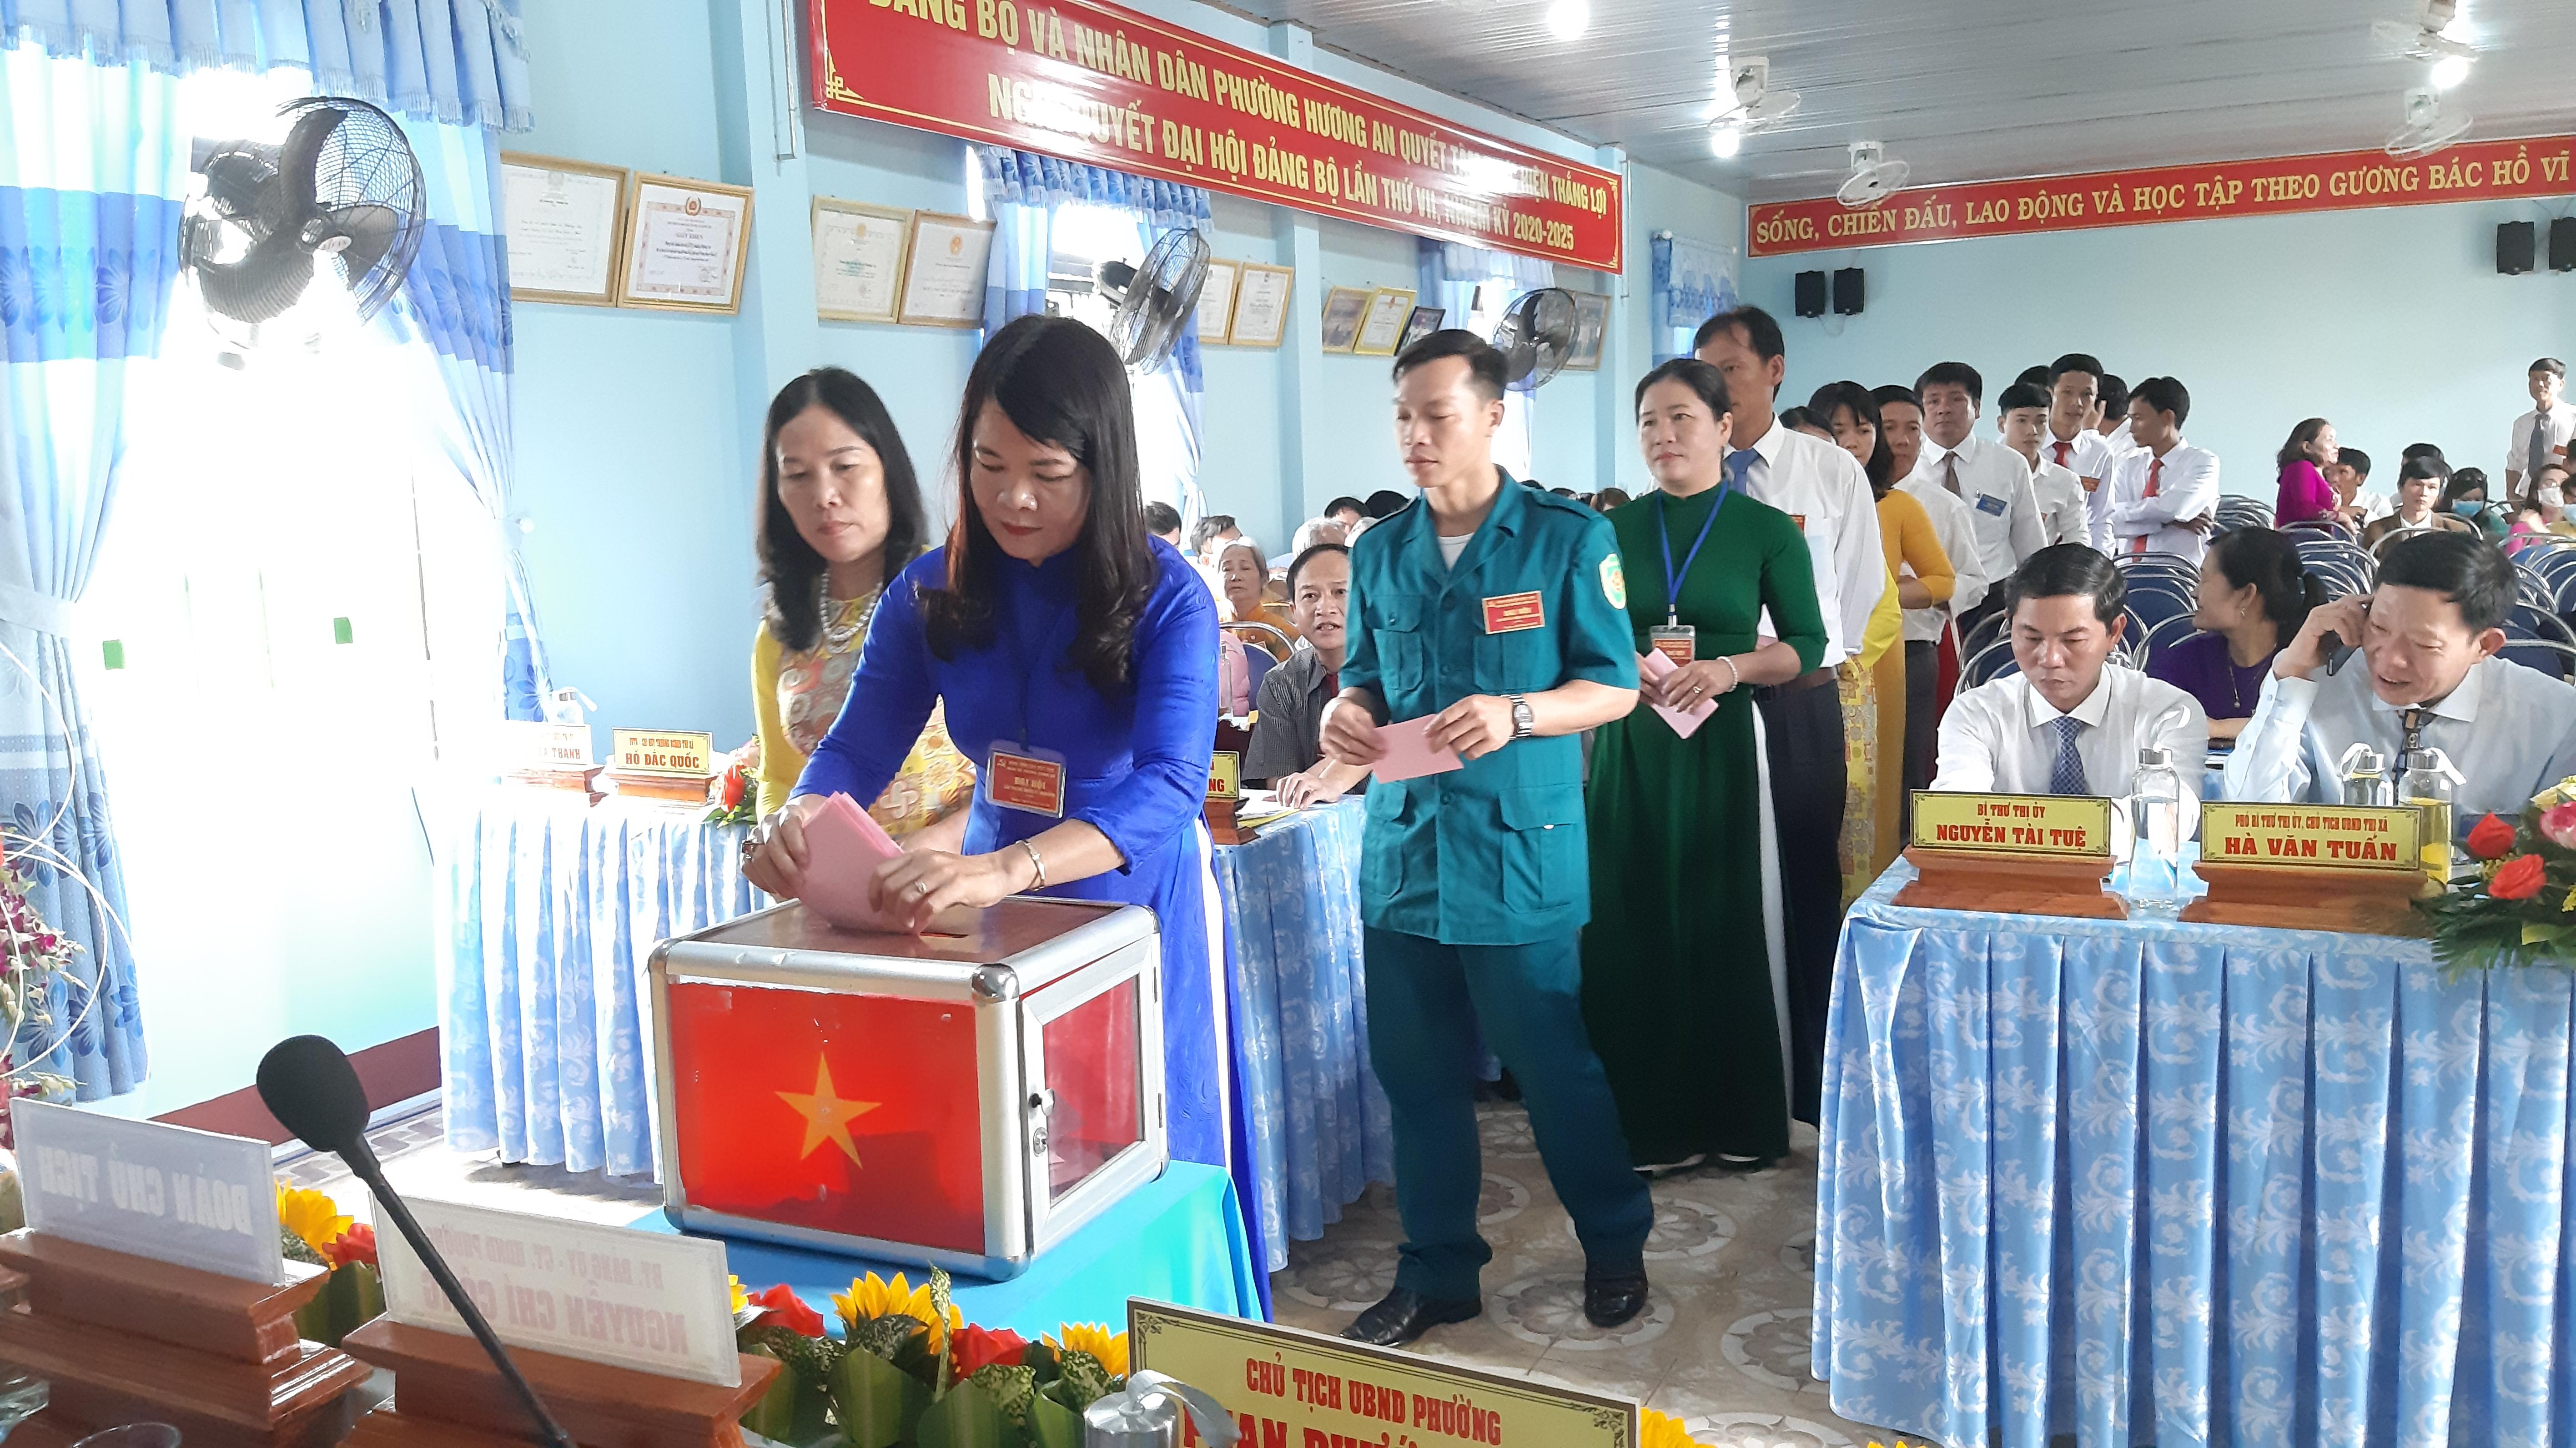 Đảng bộ phường Hương An phấn đấu sớm hoàn thành mục tiêu phường văn minh đô thị.